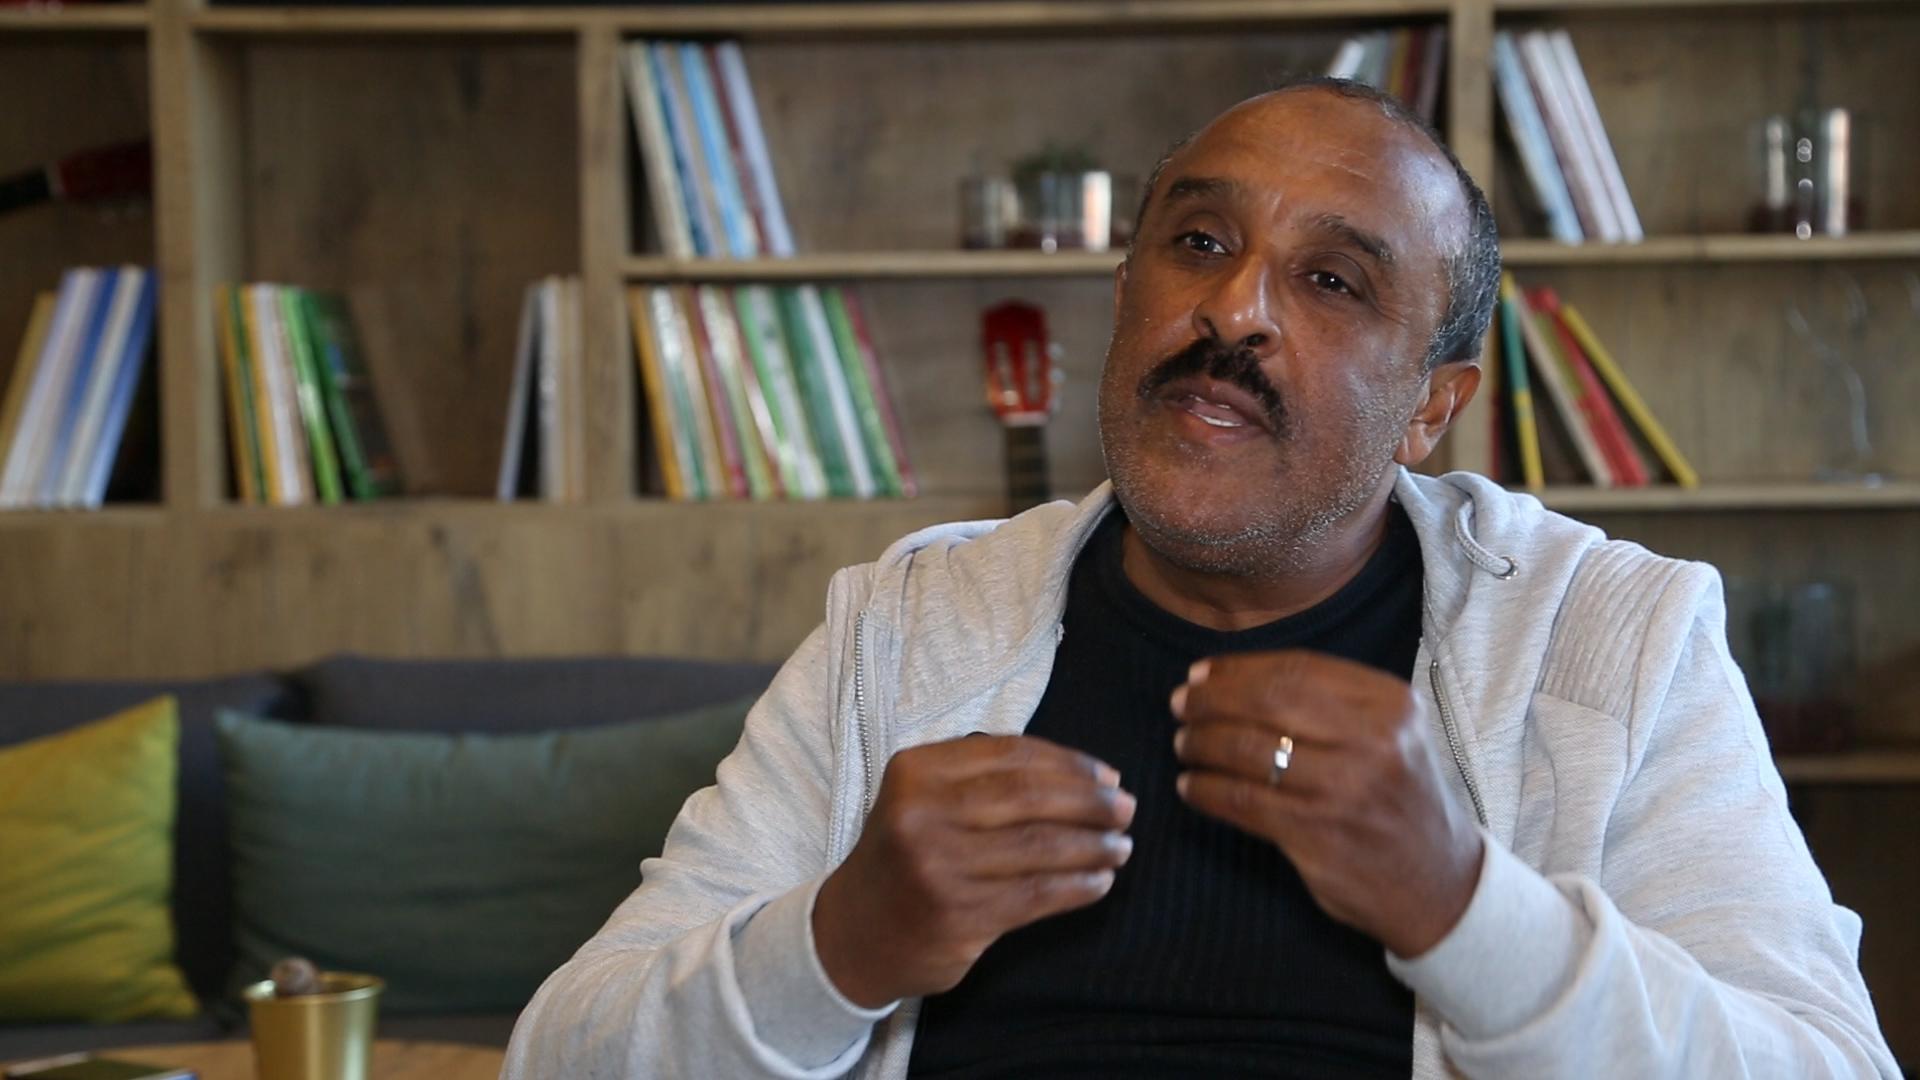 بالفيديو... سعيد الناصري يوجه رسالة مؤثرة للمغاربة بعد إصابة شقيقه بفيروس